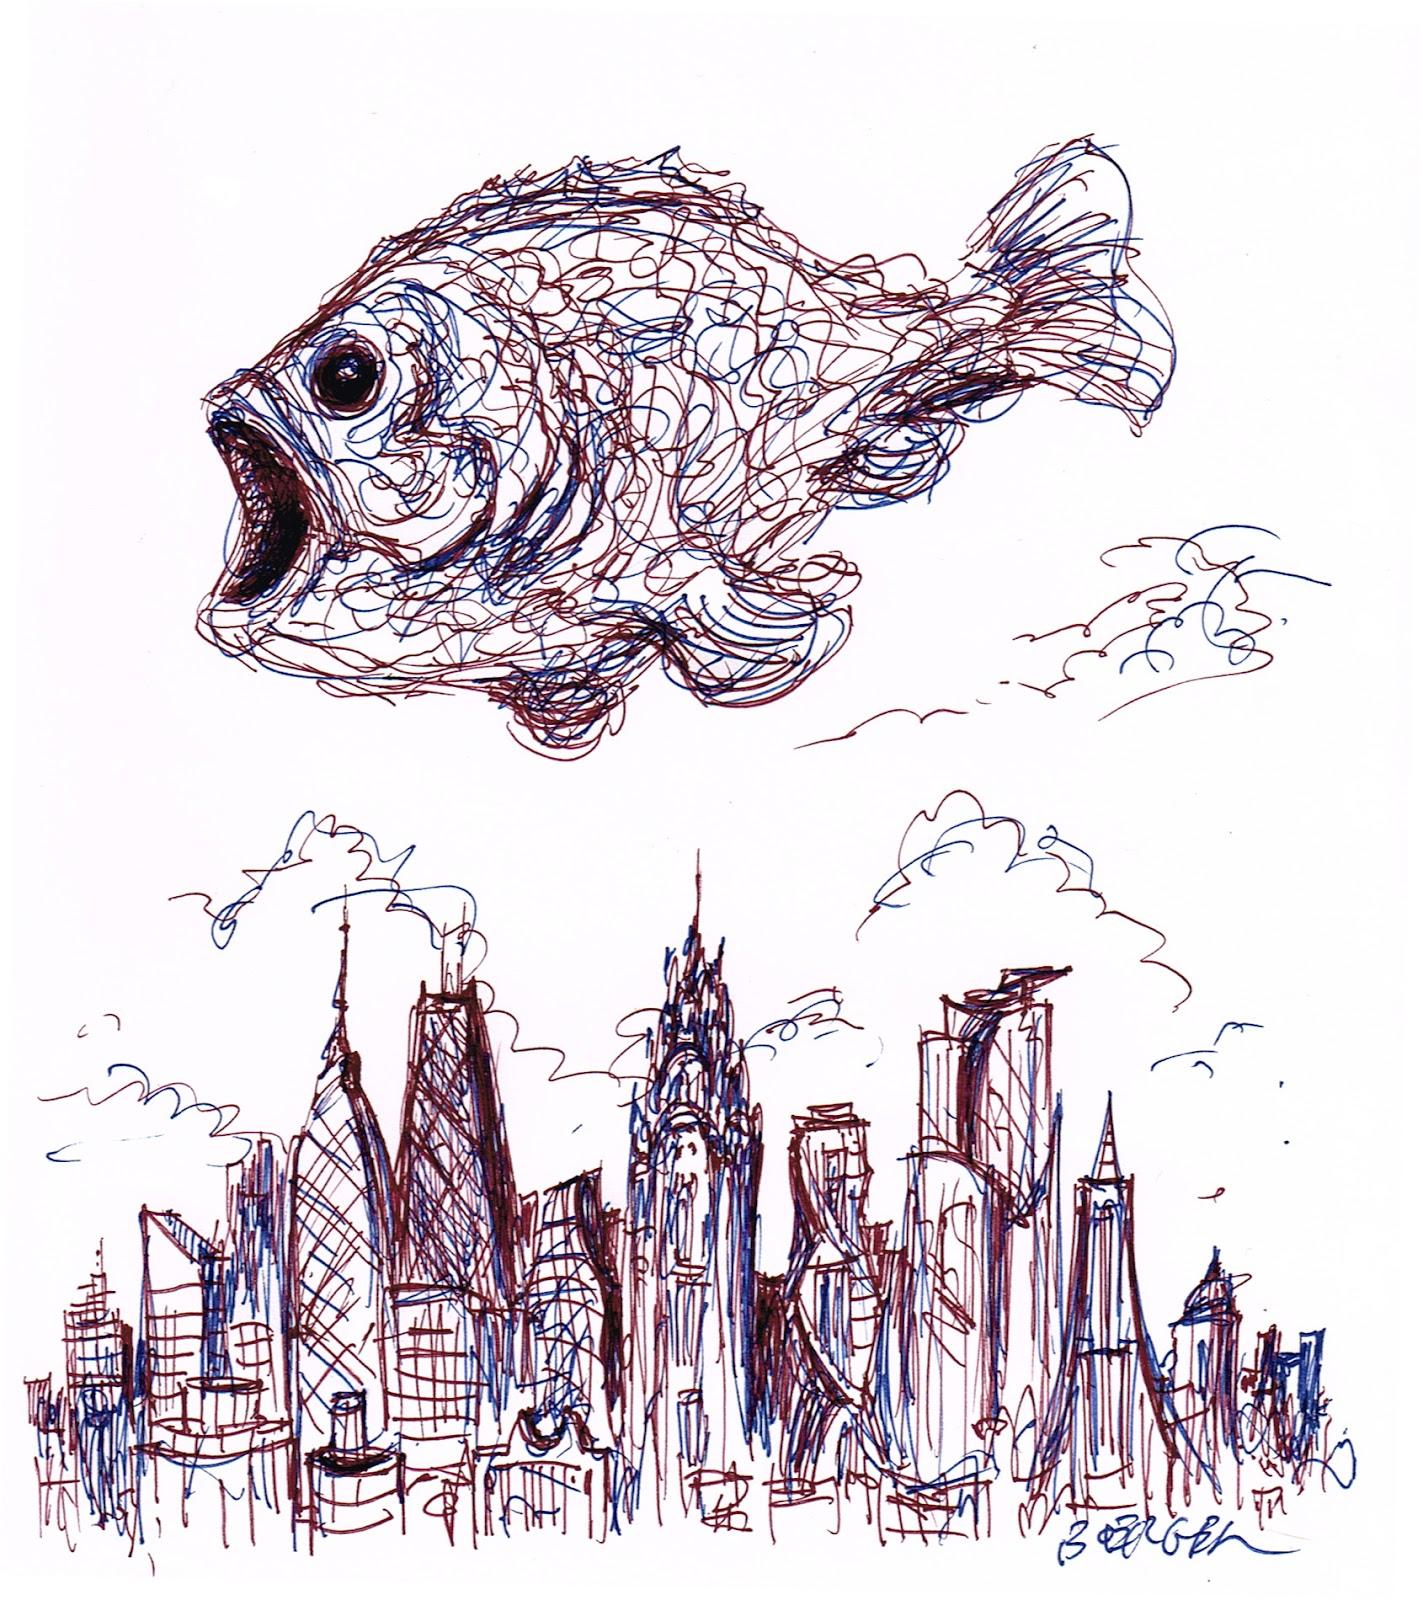 Andy's Art: Absurd Drawings 2